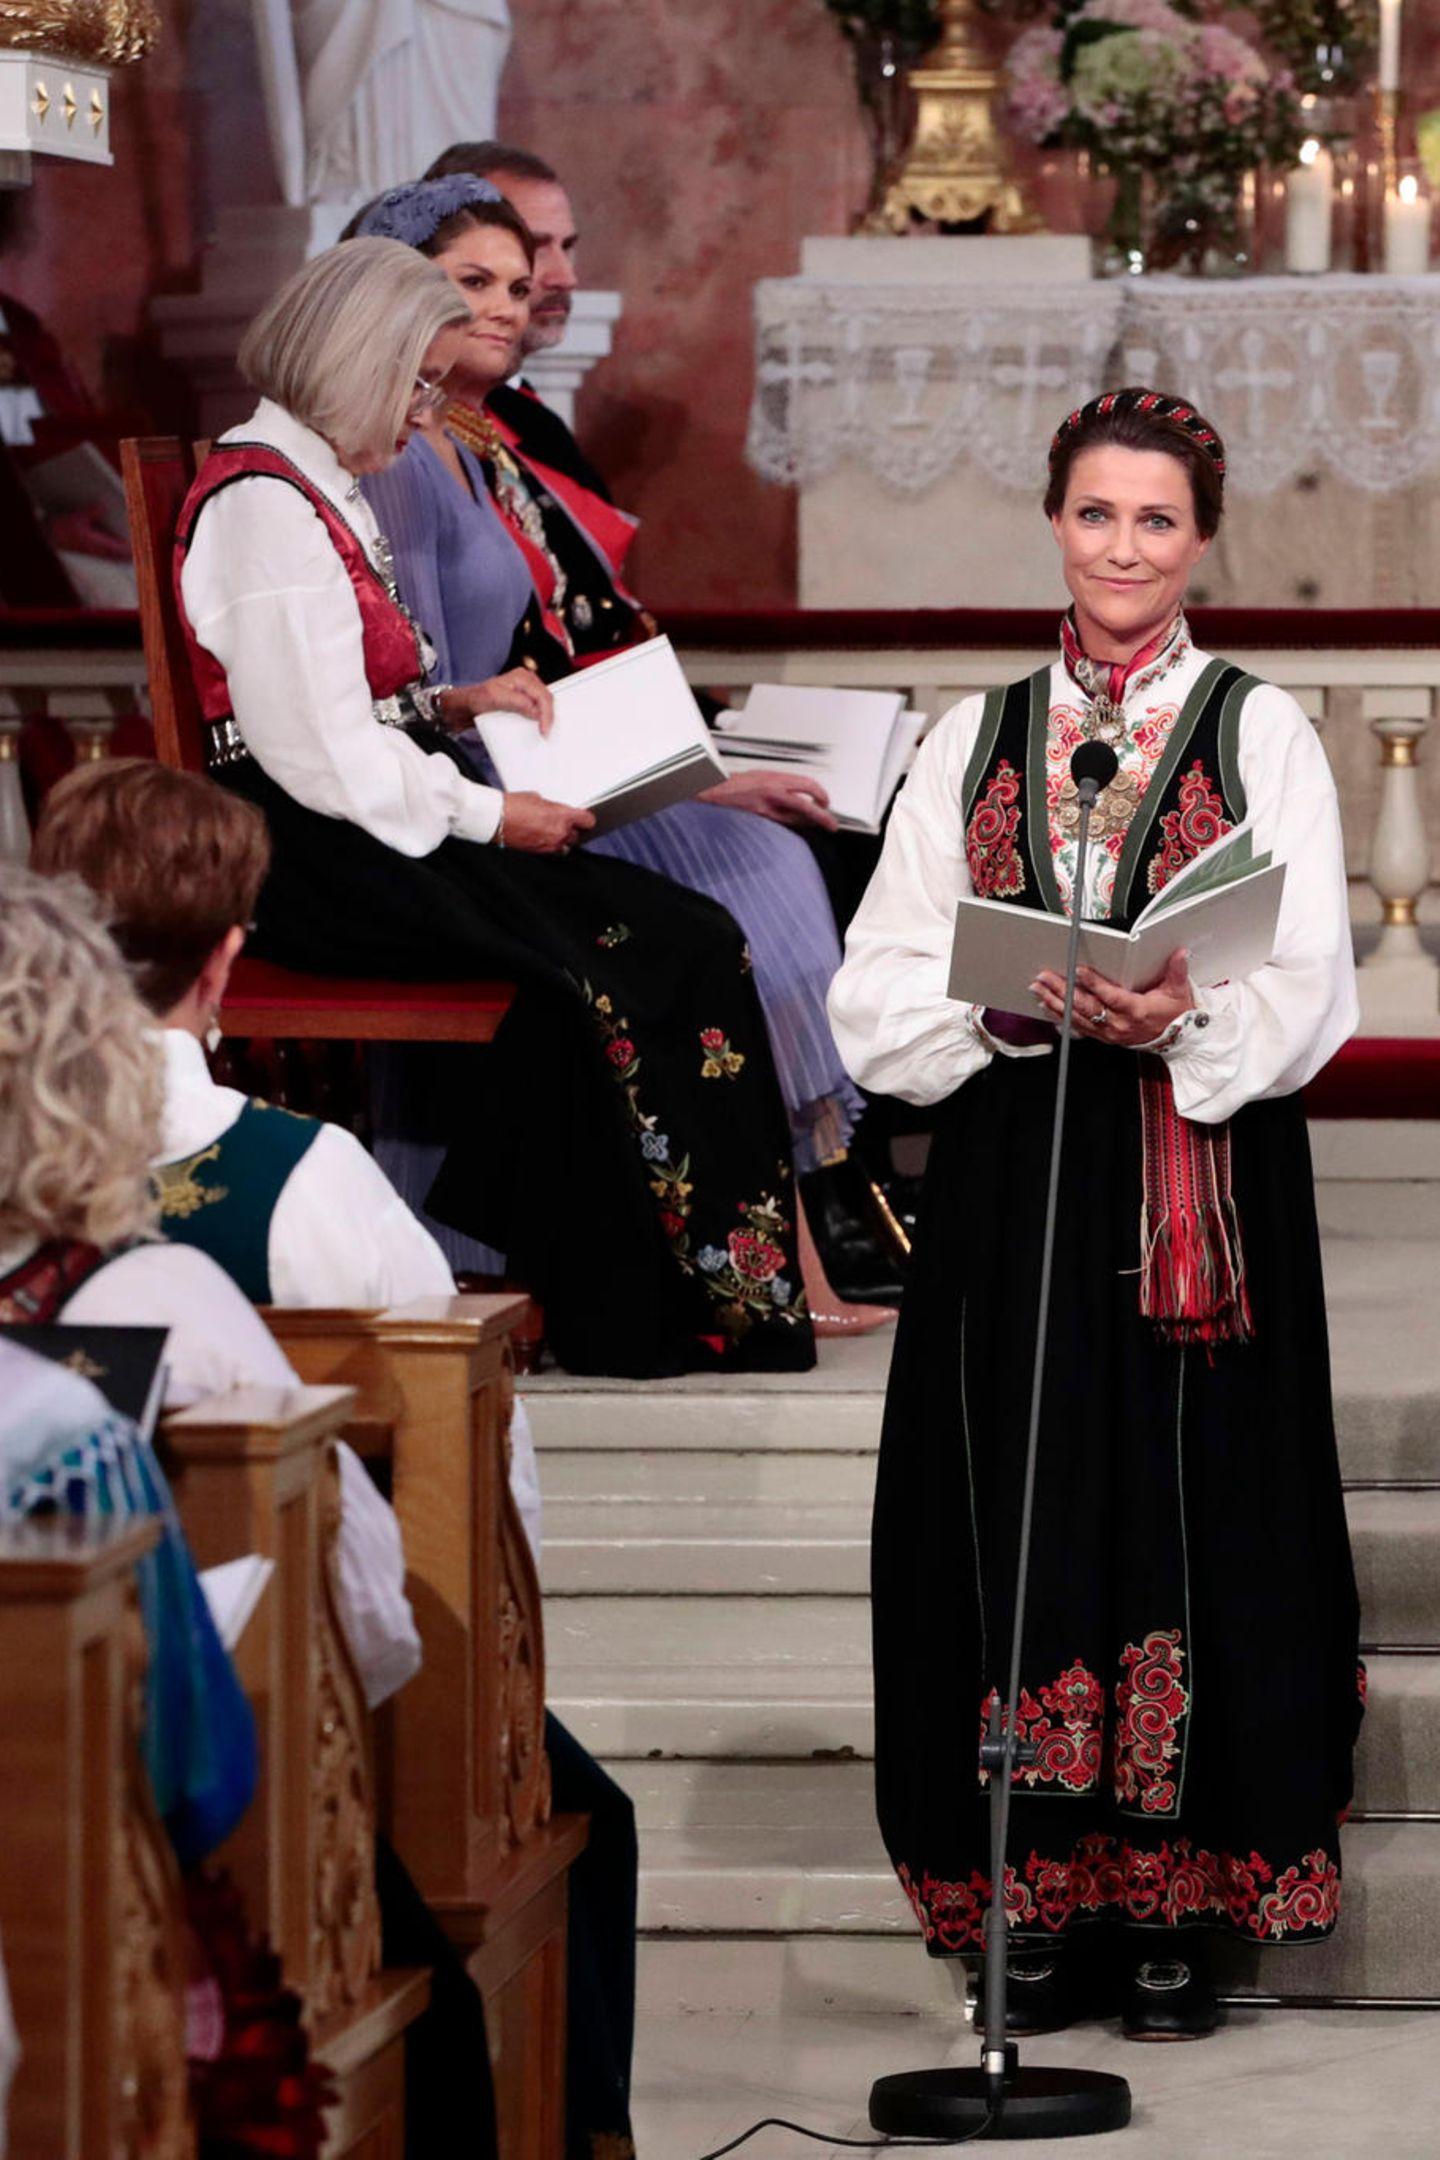 Prinzessin Märtha Louise, Ingrid Alexandras Tante und Taufpatin, hält eine Rede.